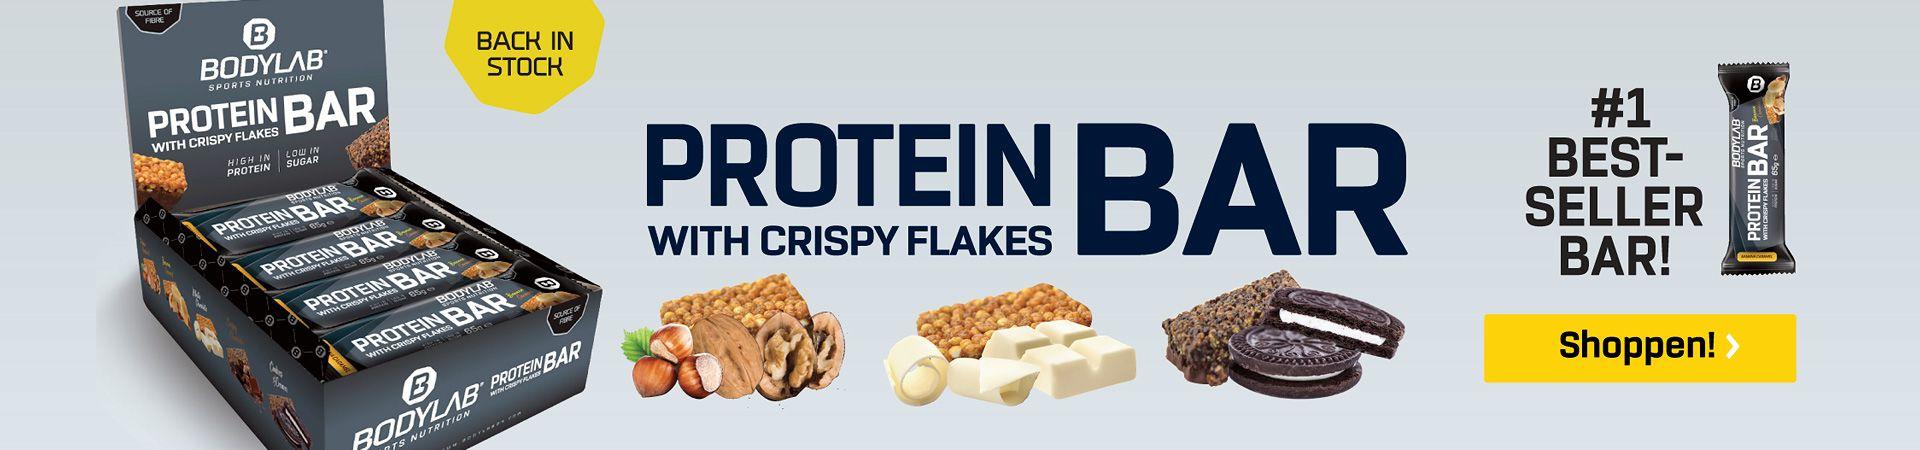 Protein Bar Box met enkele staven voor lichtgrijze achtergrond